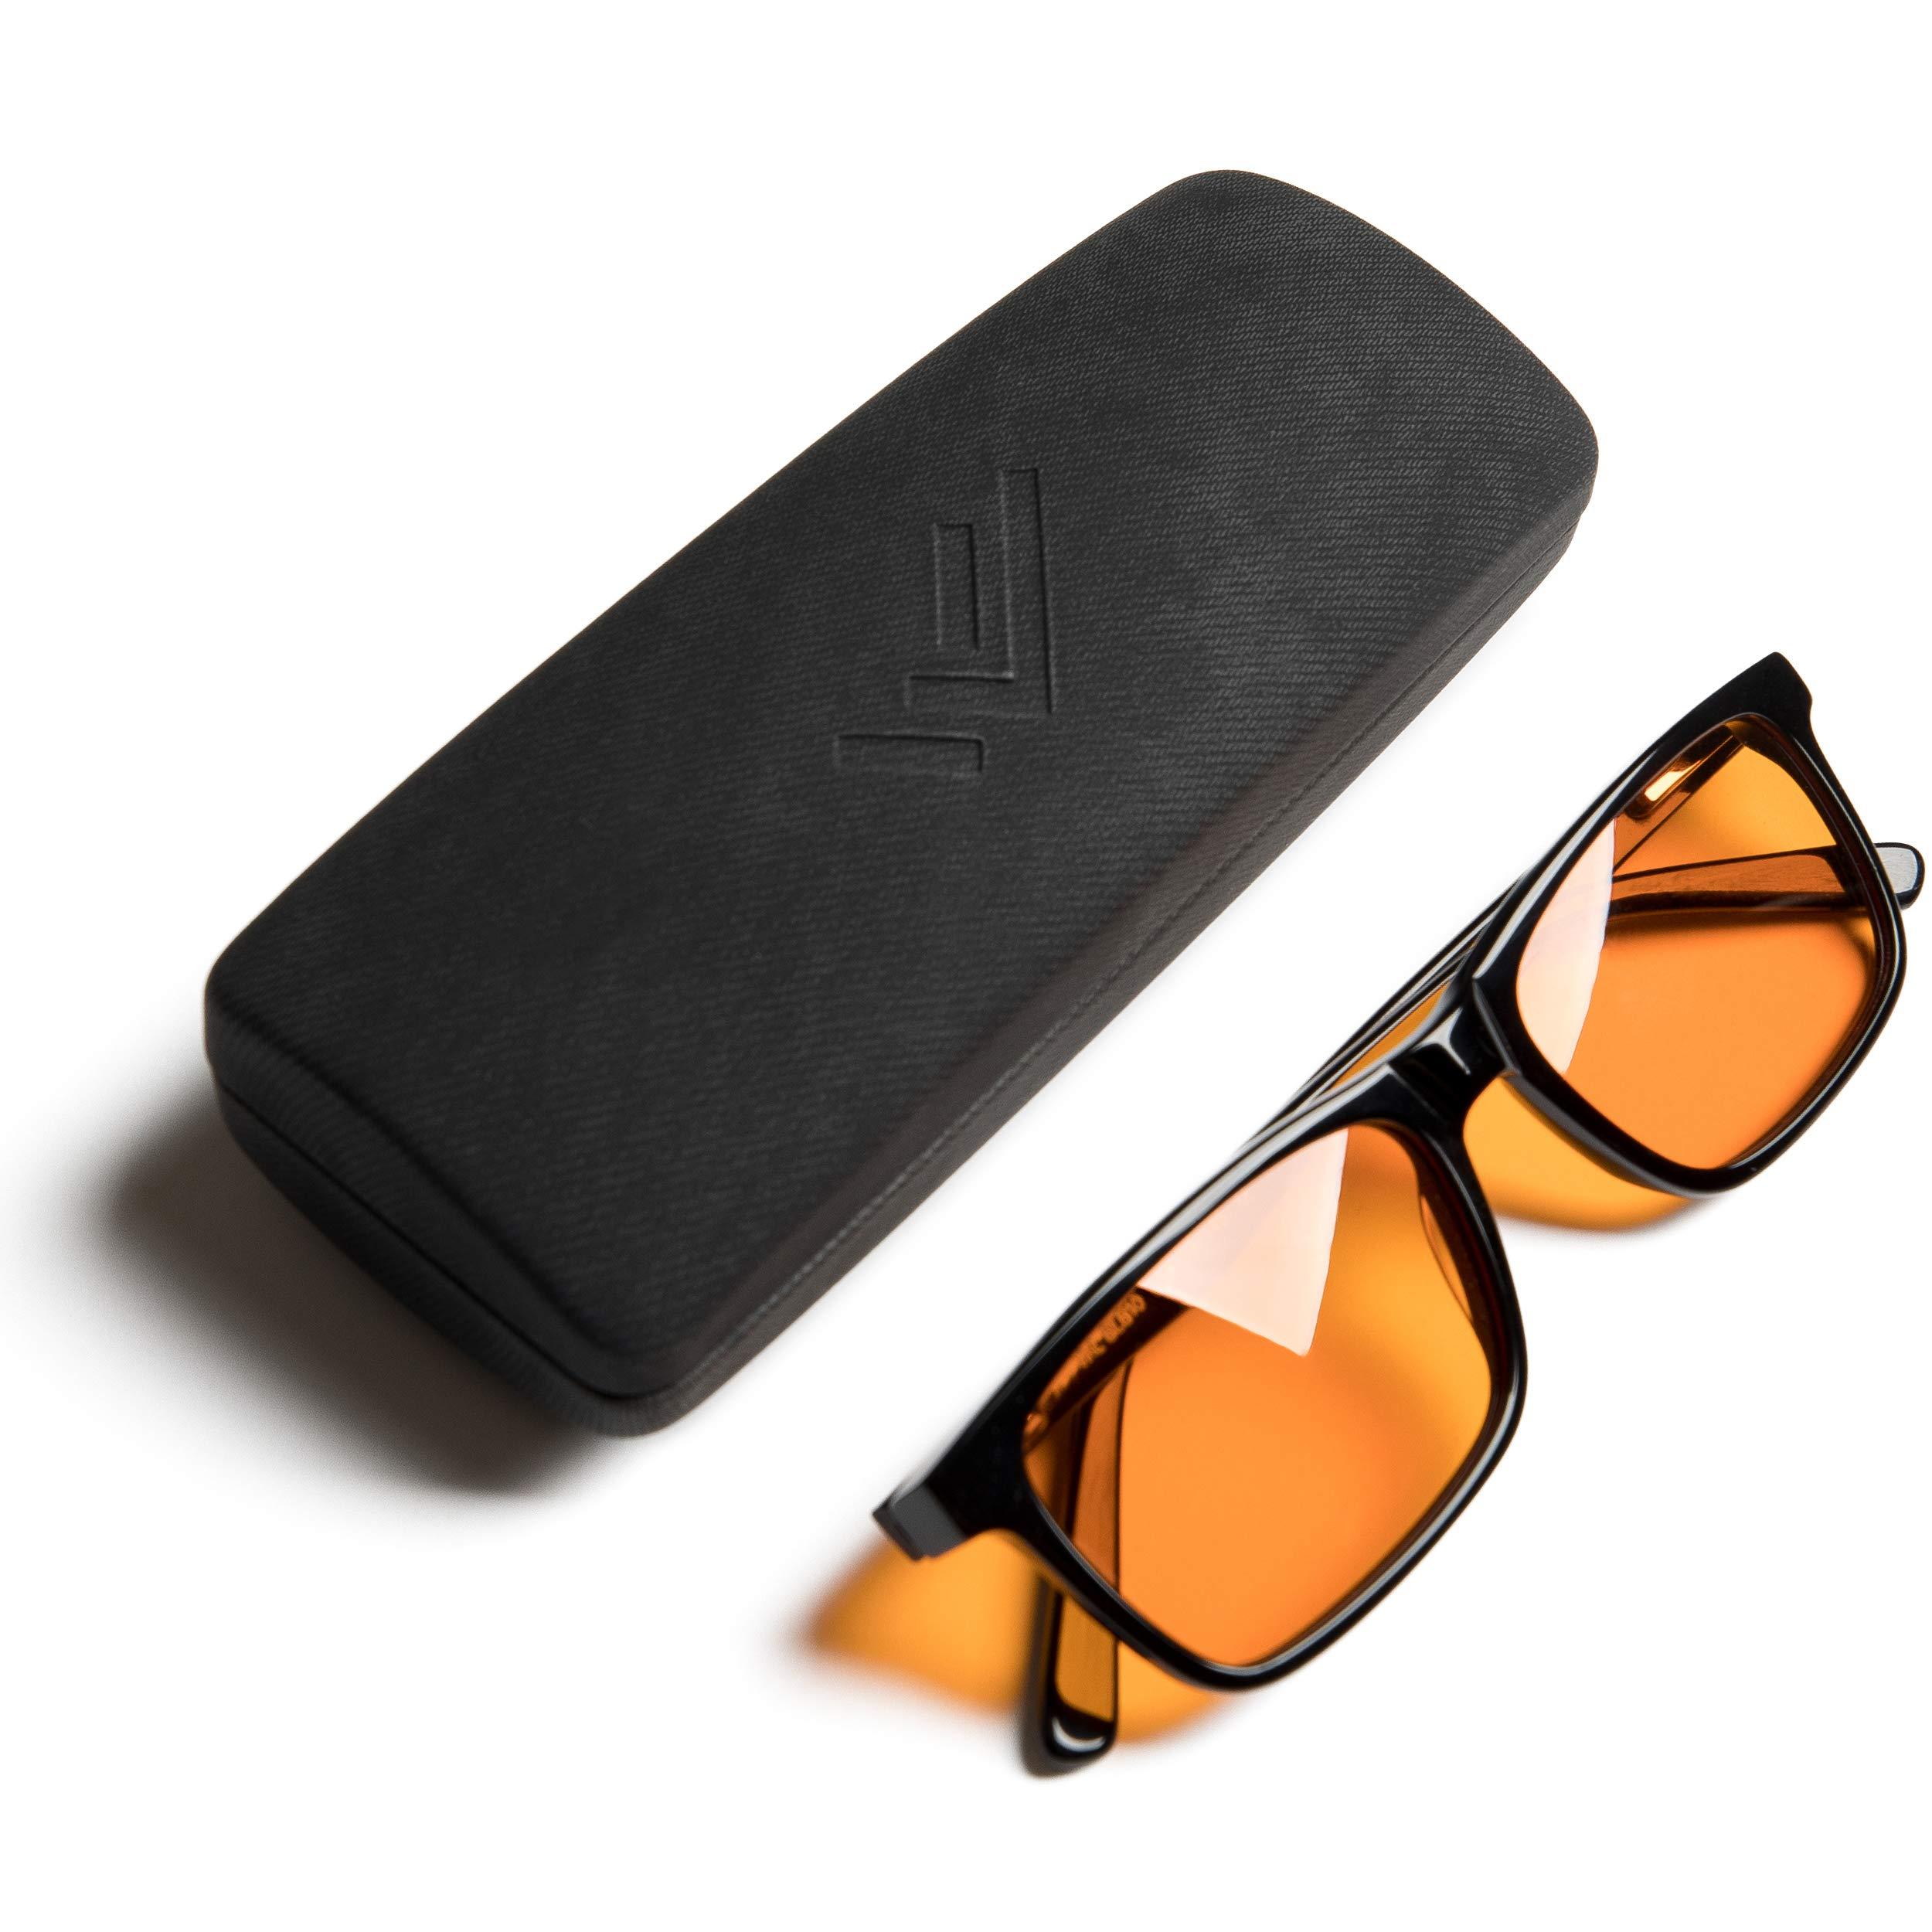 Blue Light Blocking Reading Glasses for Better Sleep - Computer Eyewear with Orange Amber Filter Lenses - Anti Eye Strain - by THL Sleep (Black) Regular